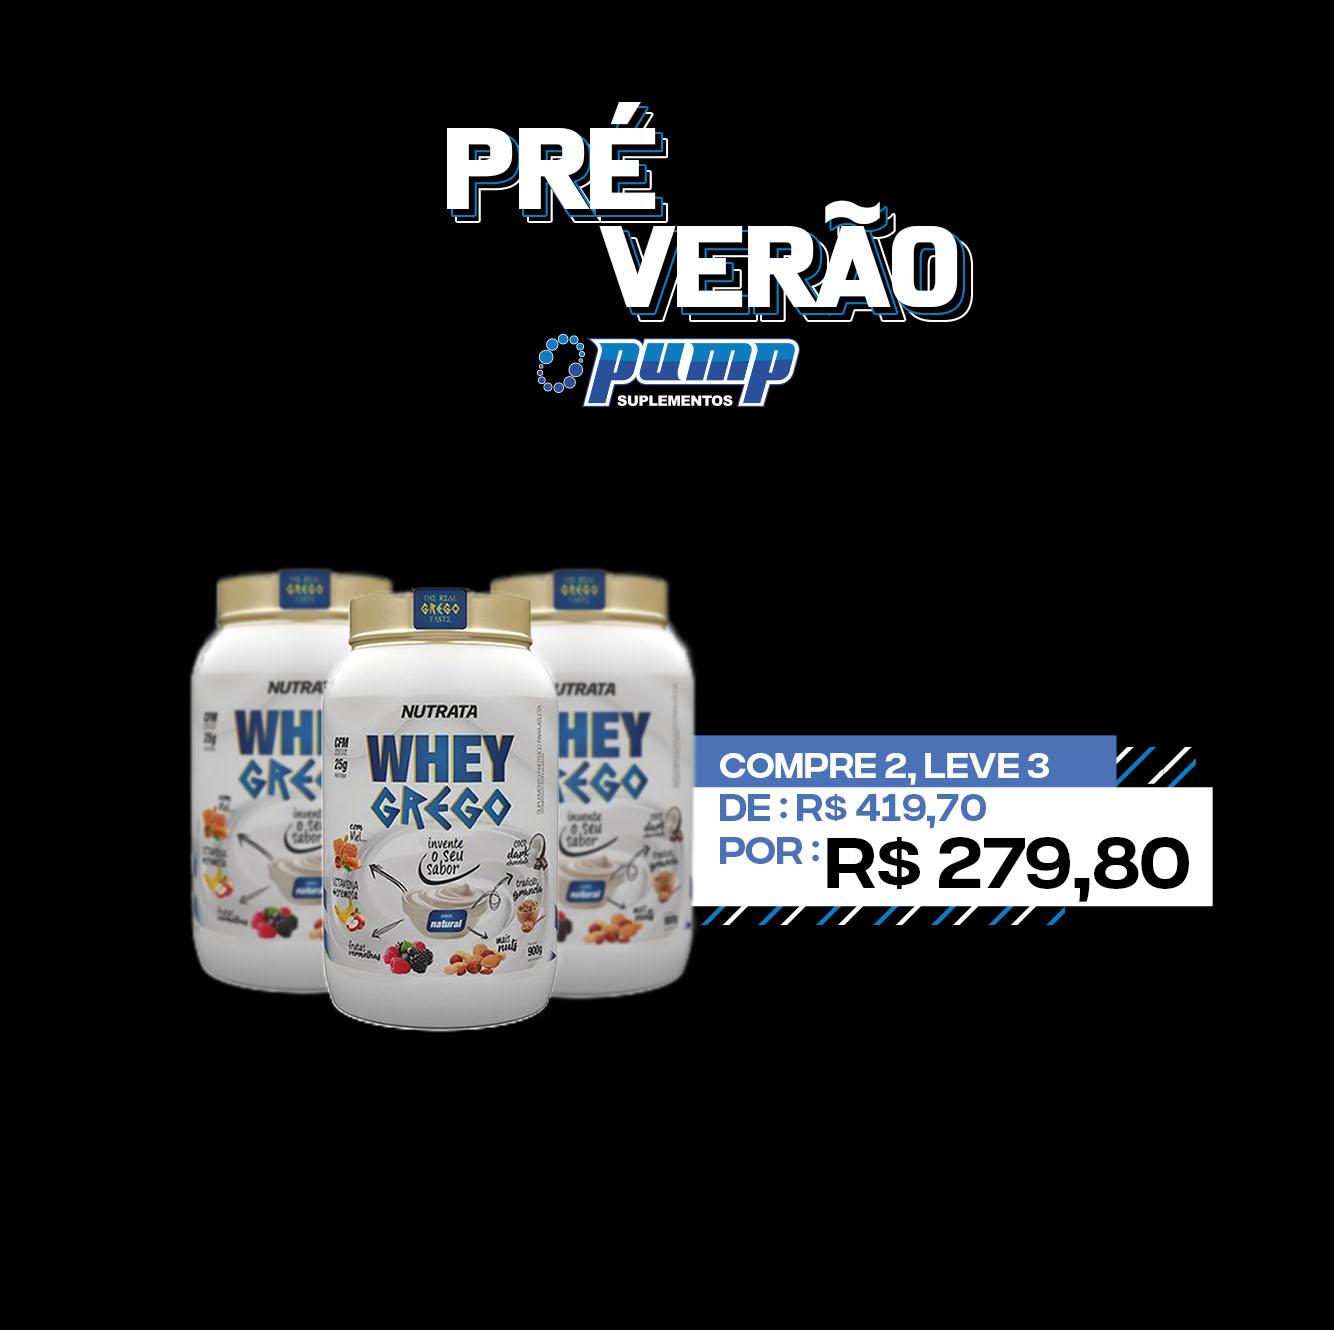 PRÉ VERÃO - Whey Grego